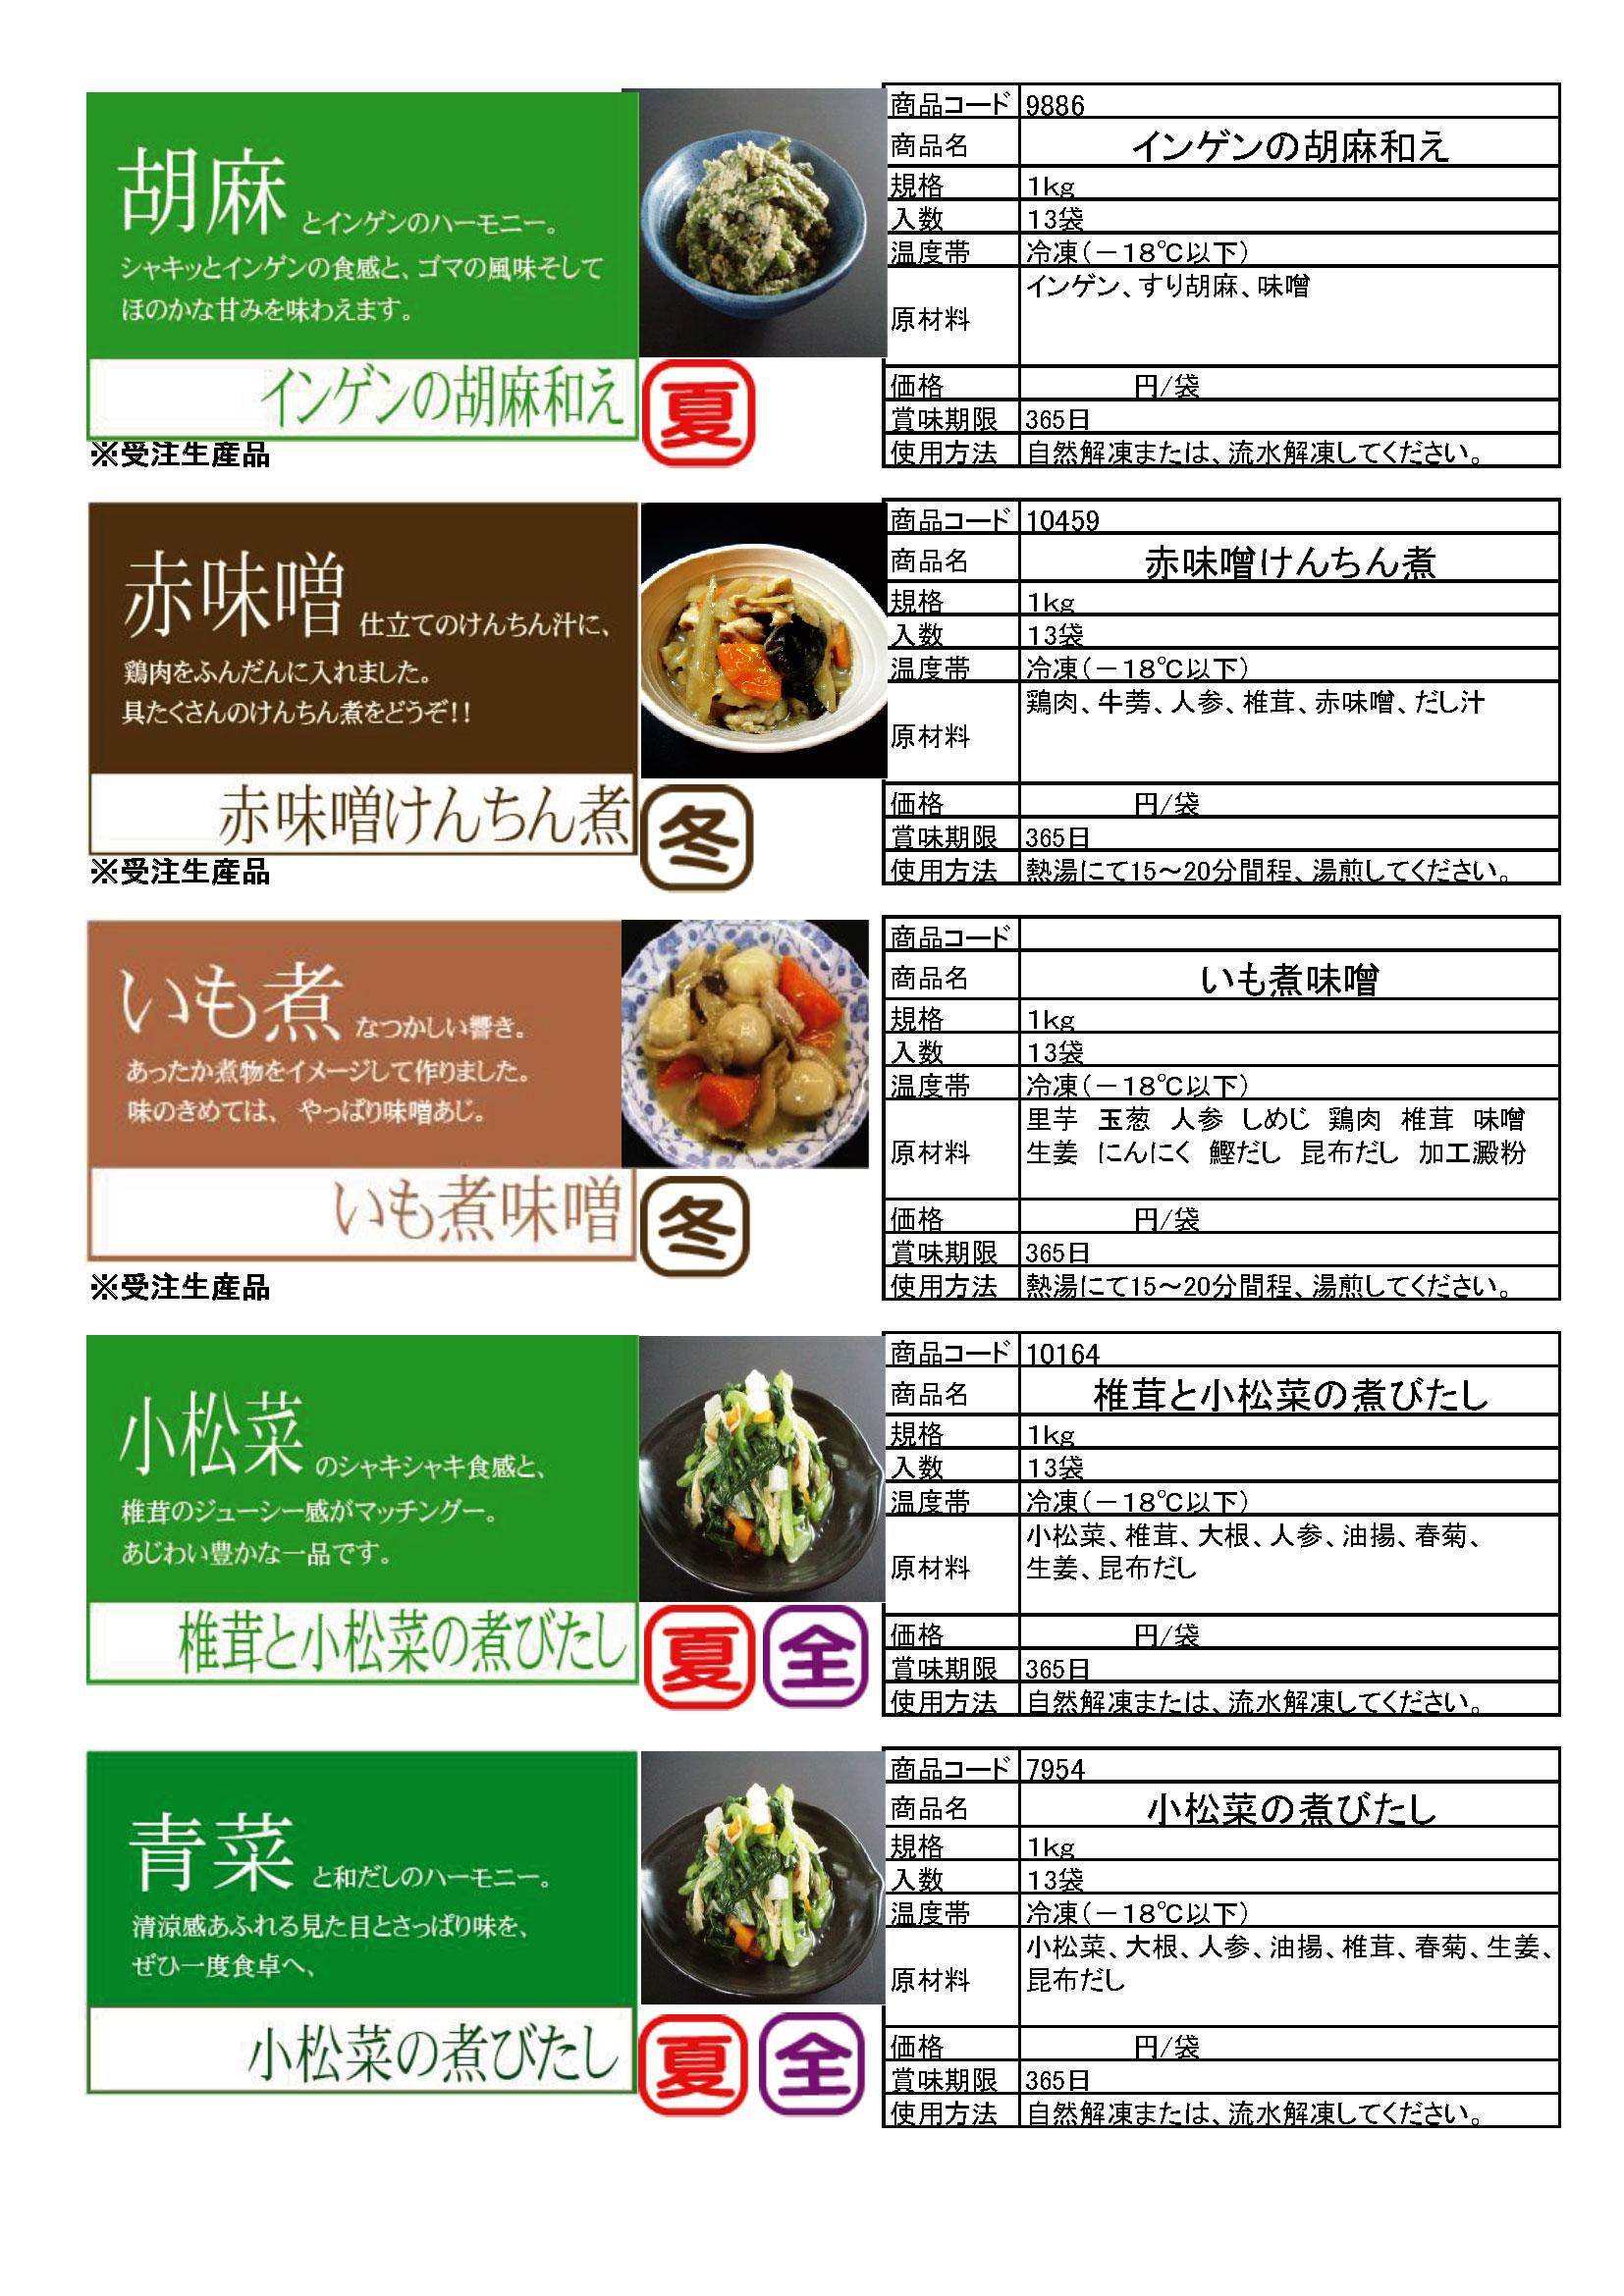 3. インゲンの胡麻和え・赤味噌けんちん煮・いも煮味噌・椎茸と小松菜の煮びたし・小松菜の煮びたし